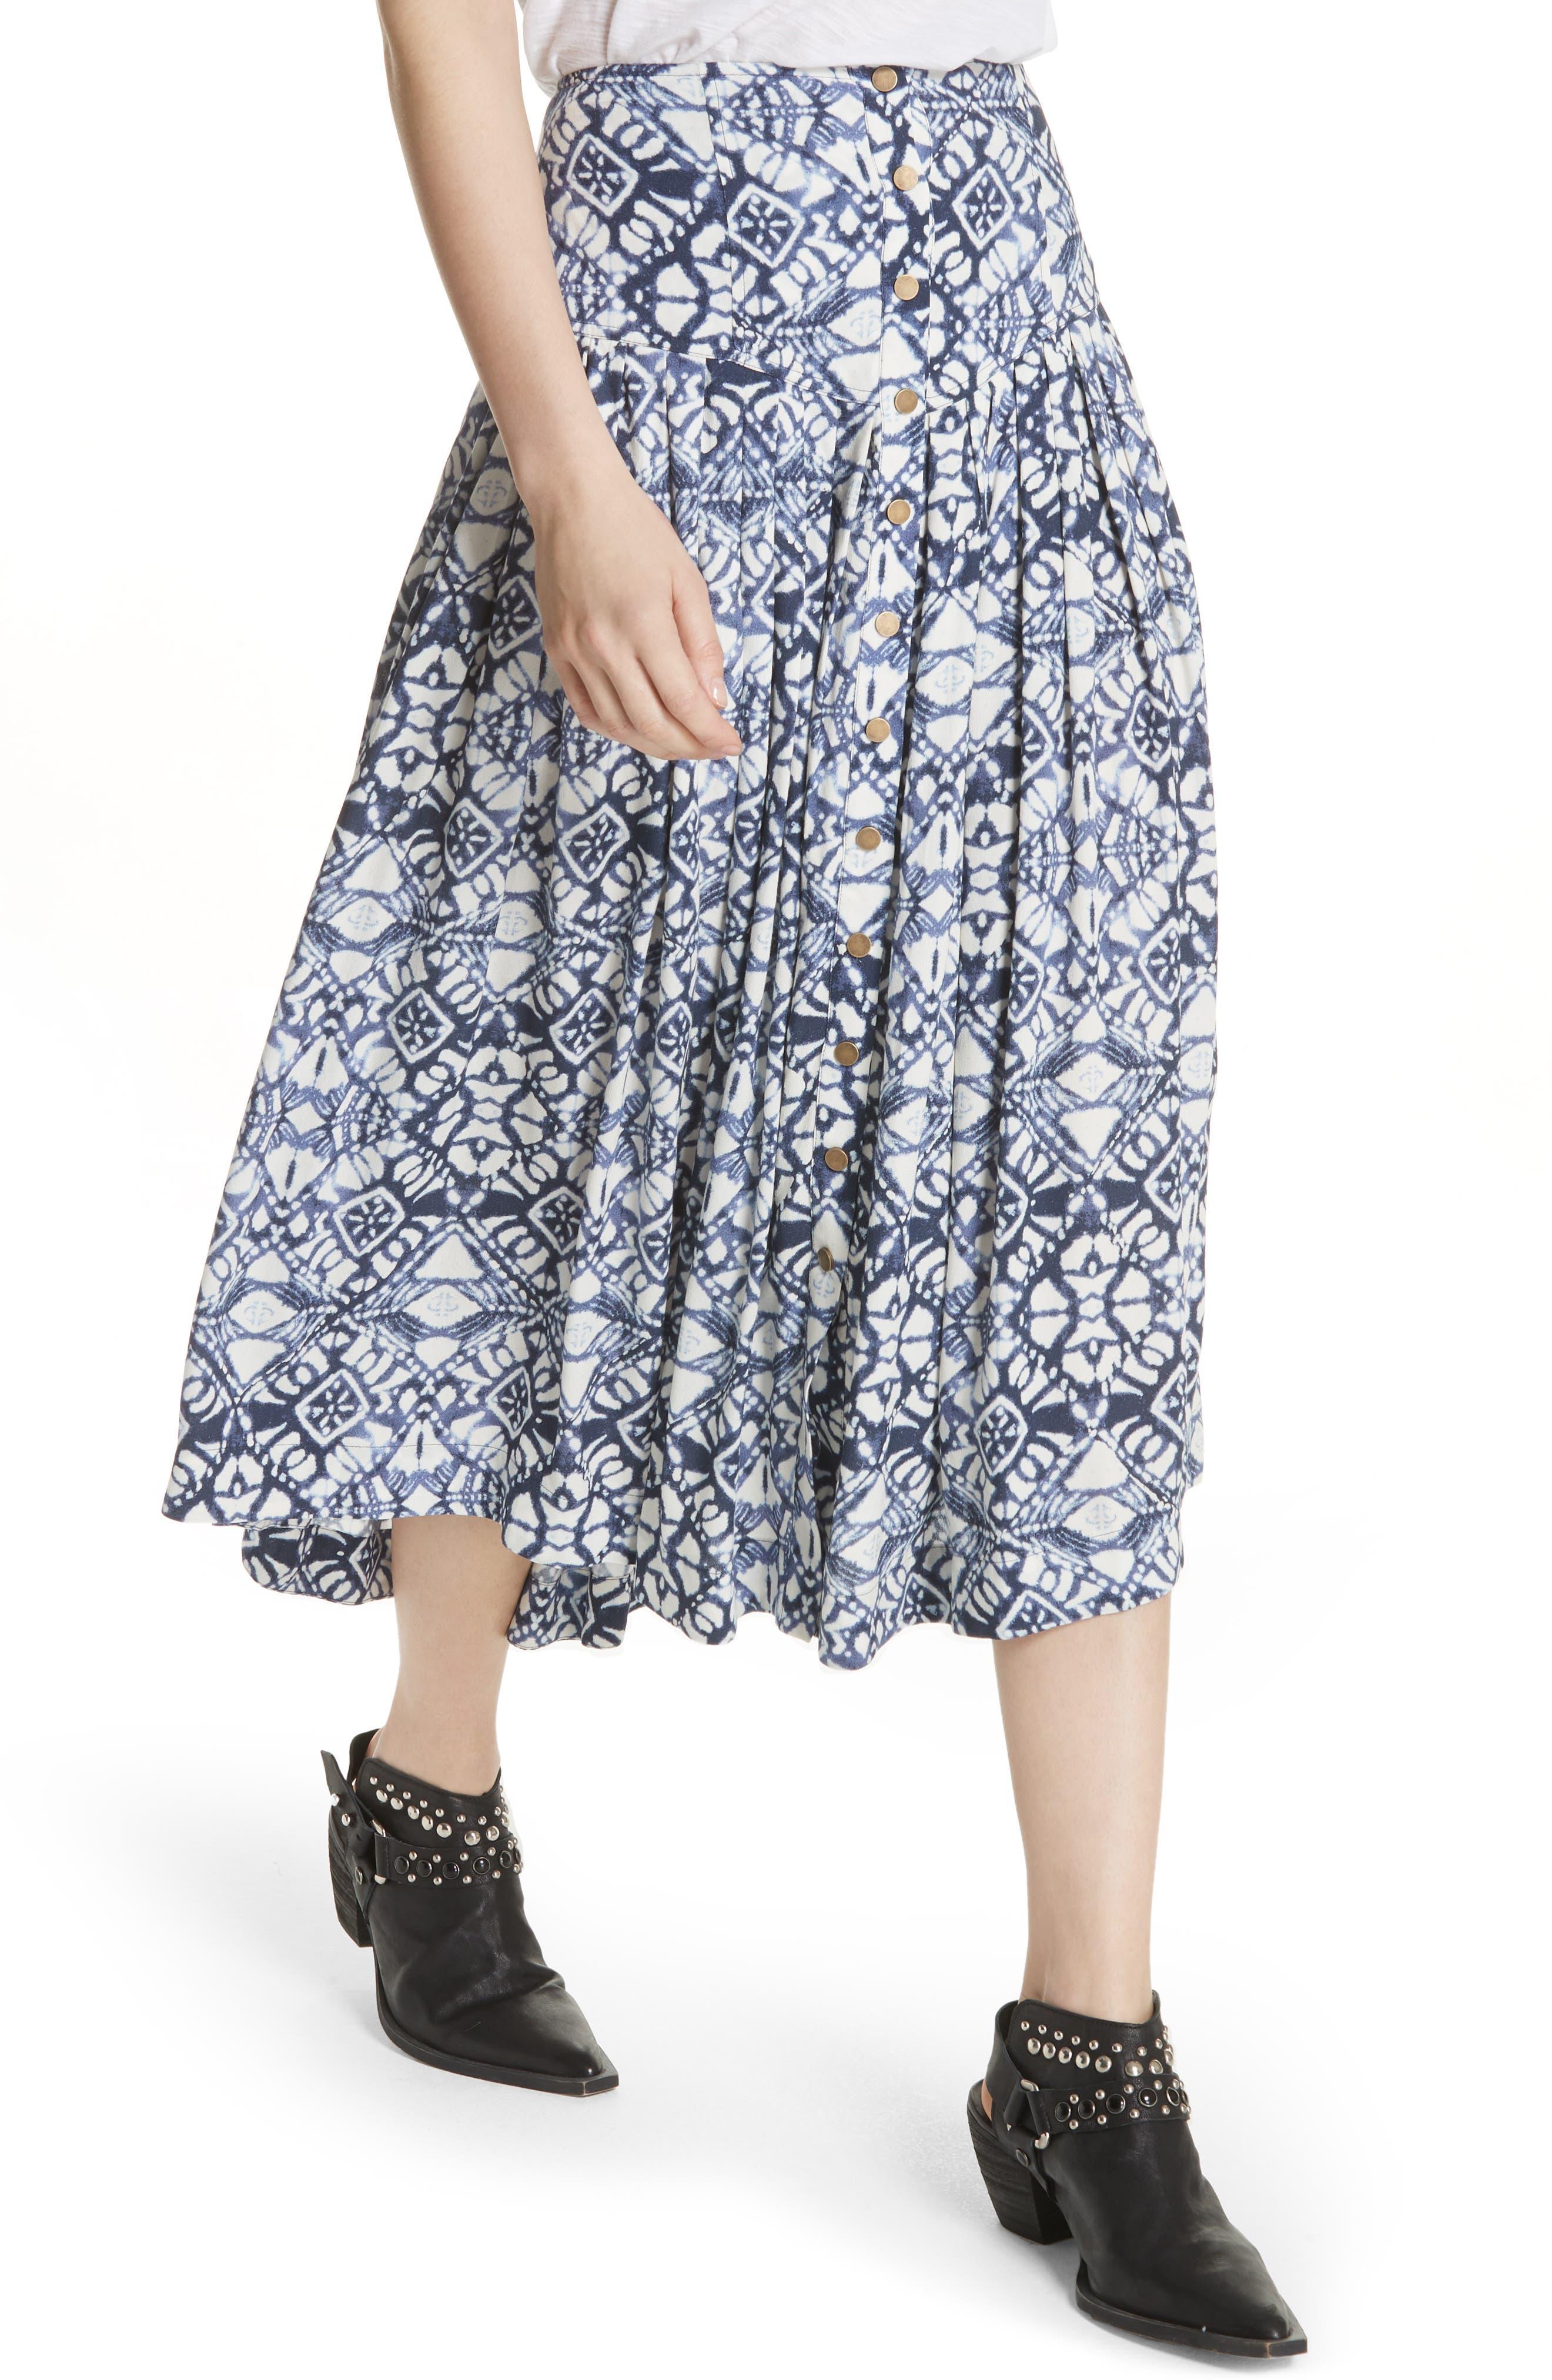 Lovers Dream Midi Skirt,                             Alternate thumbnail 4, color,                             Black